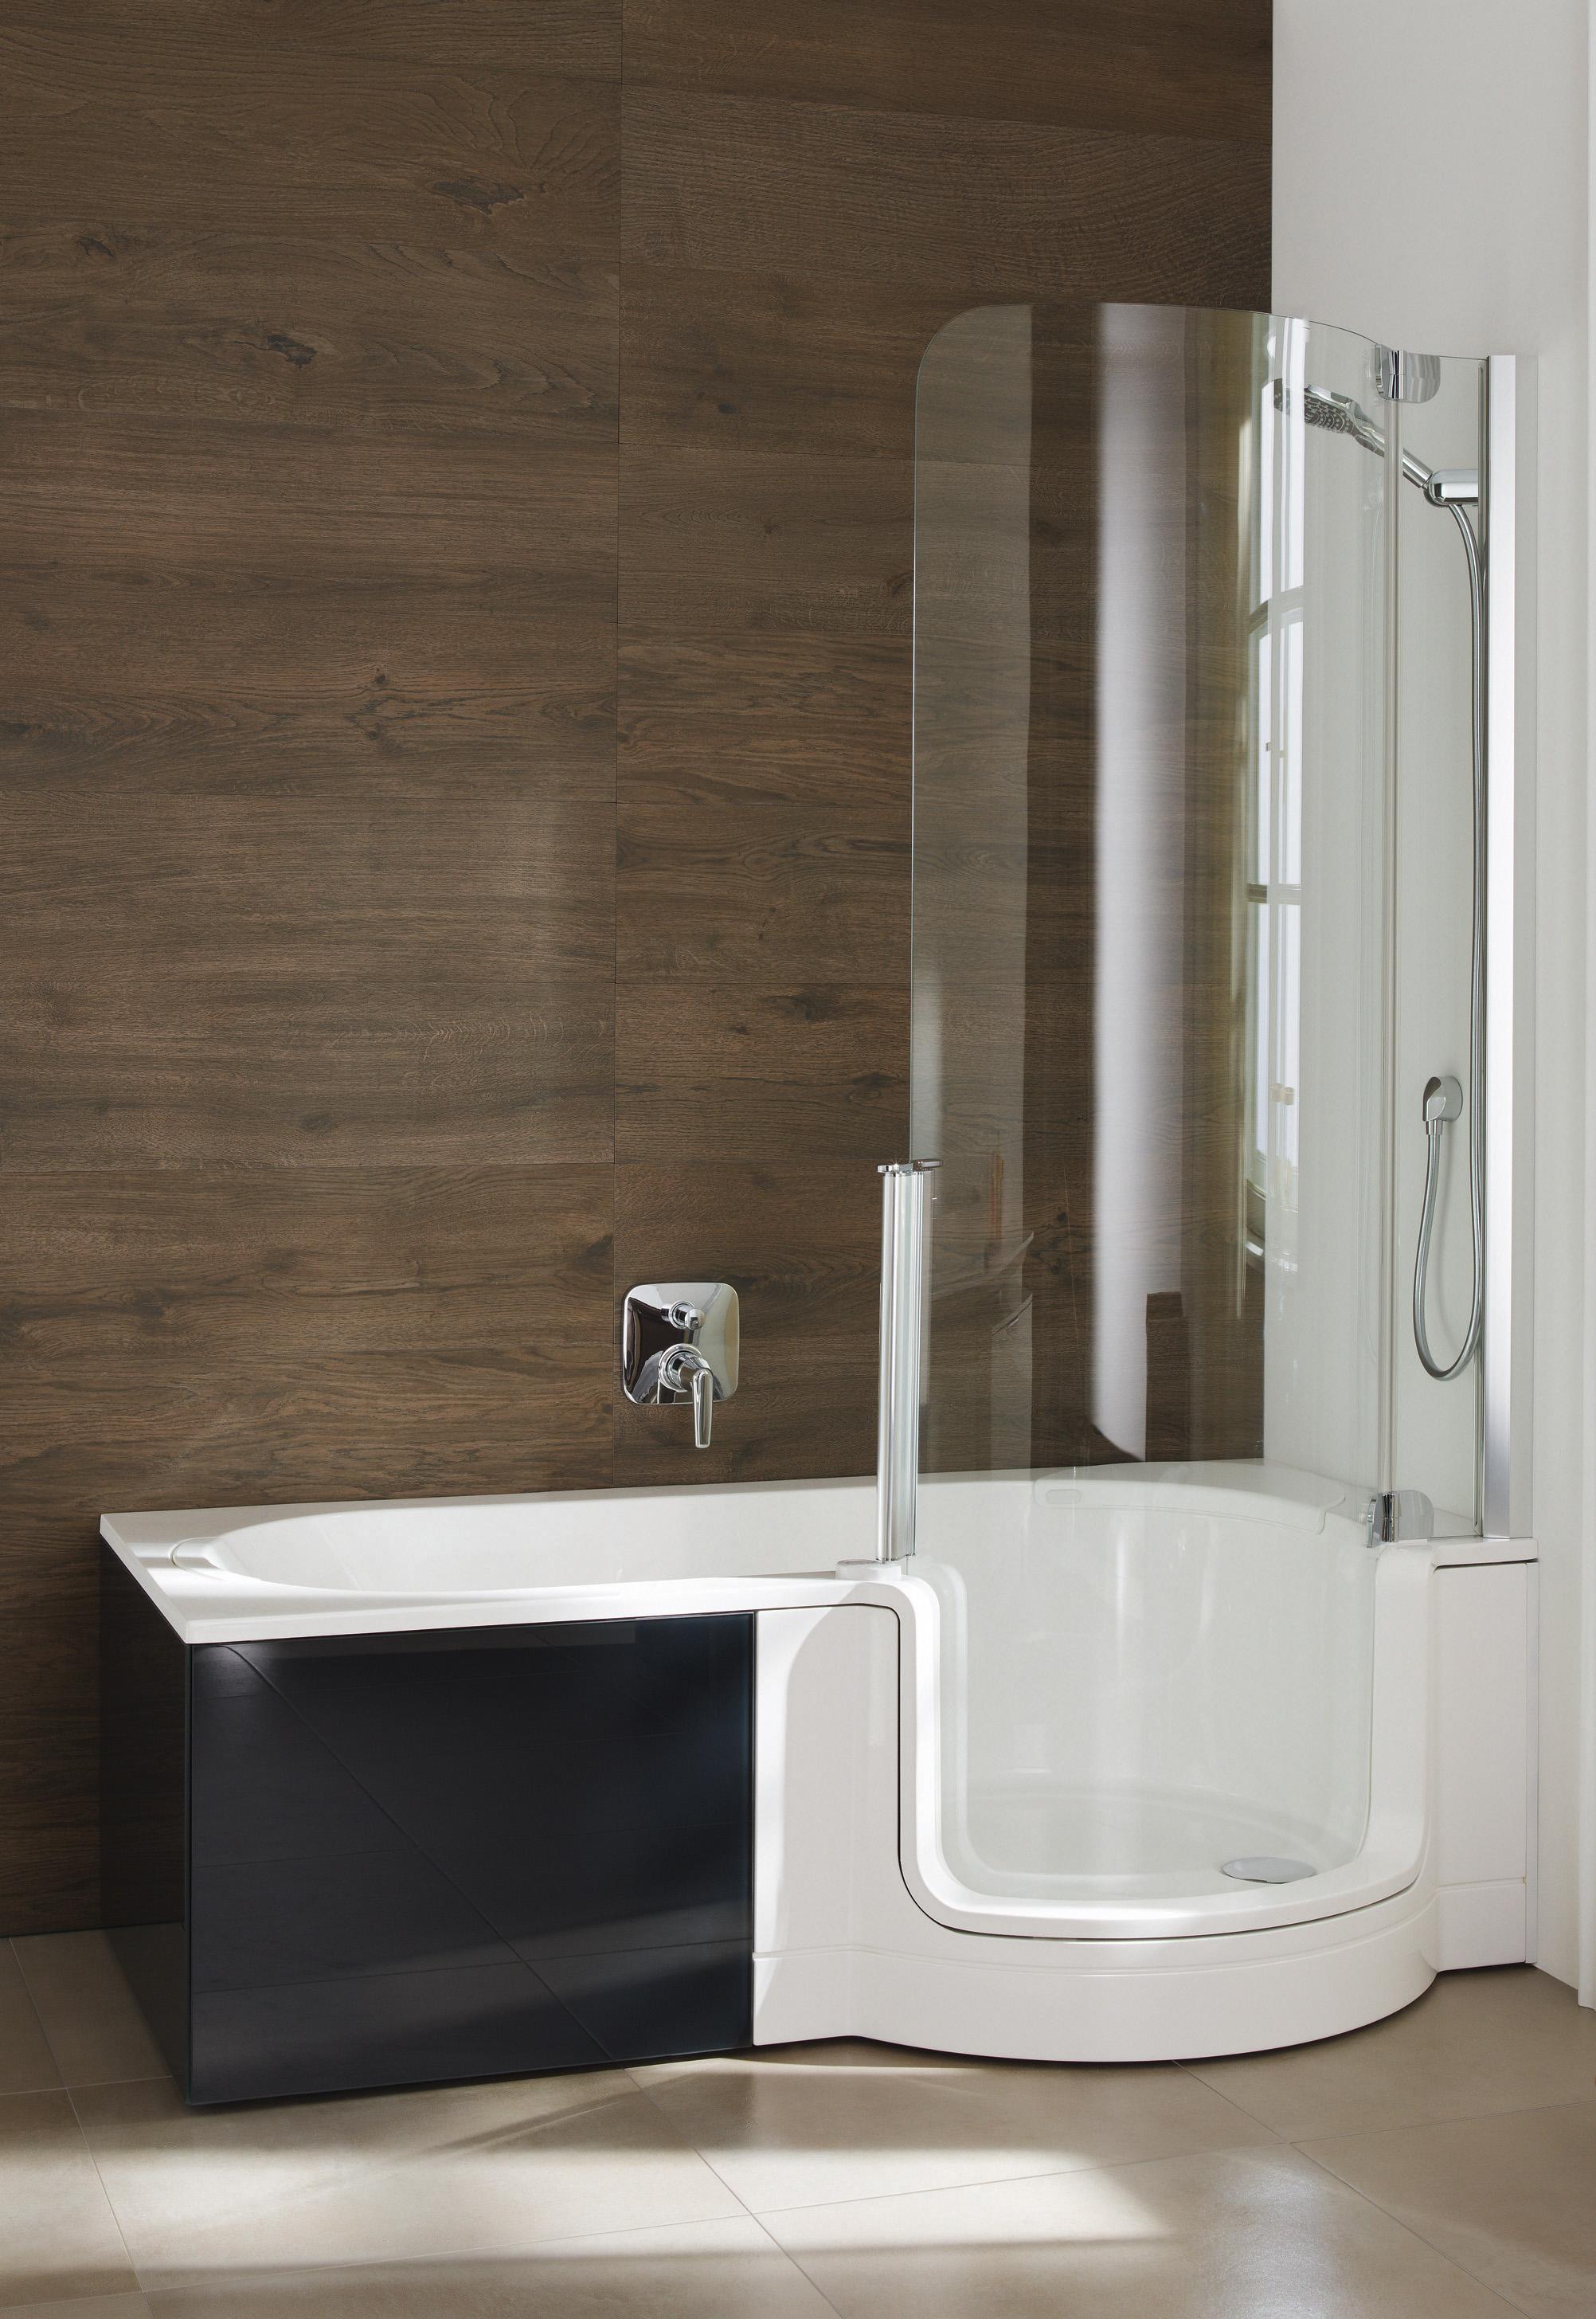 Duschbadewanne  Duschbadewanne TWINLINE 1 - Das 2x1 im Bad | Artweger